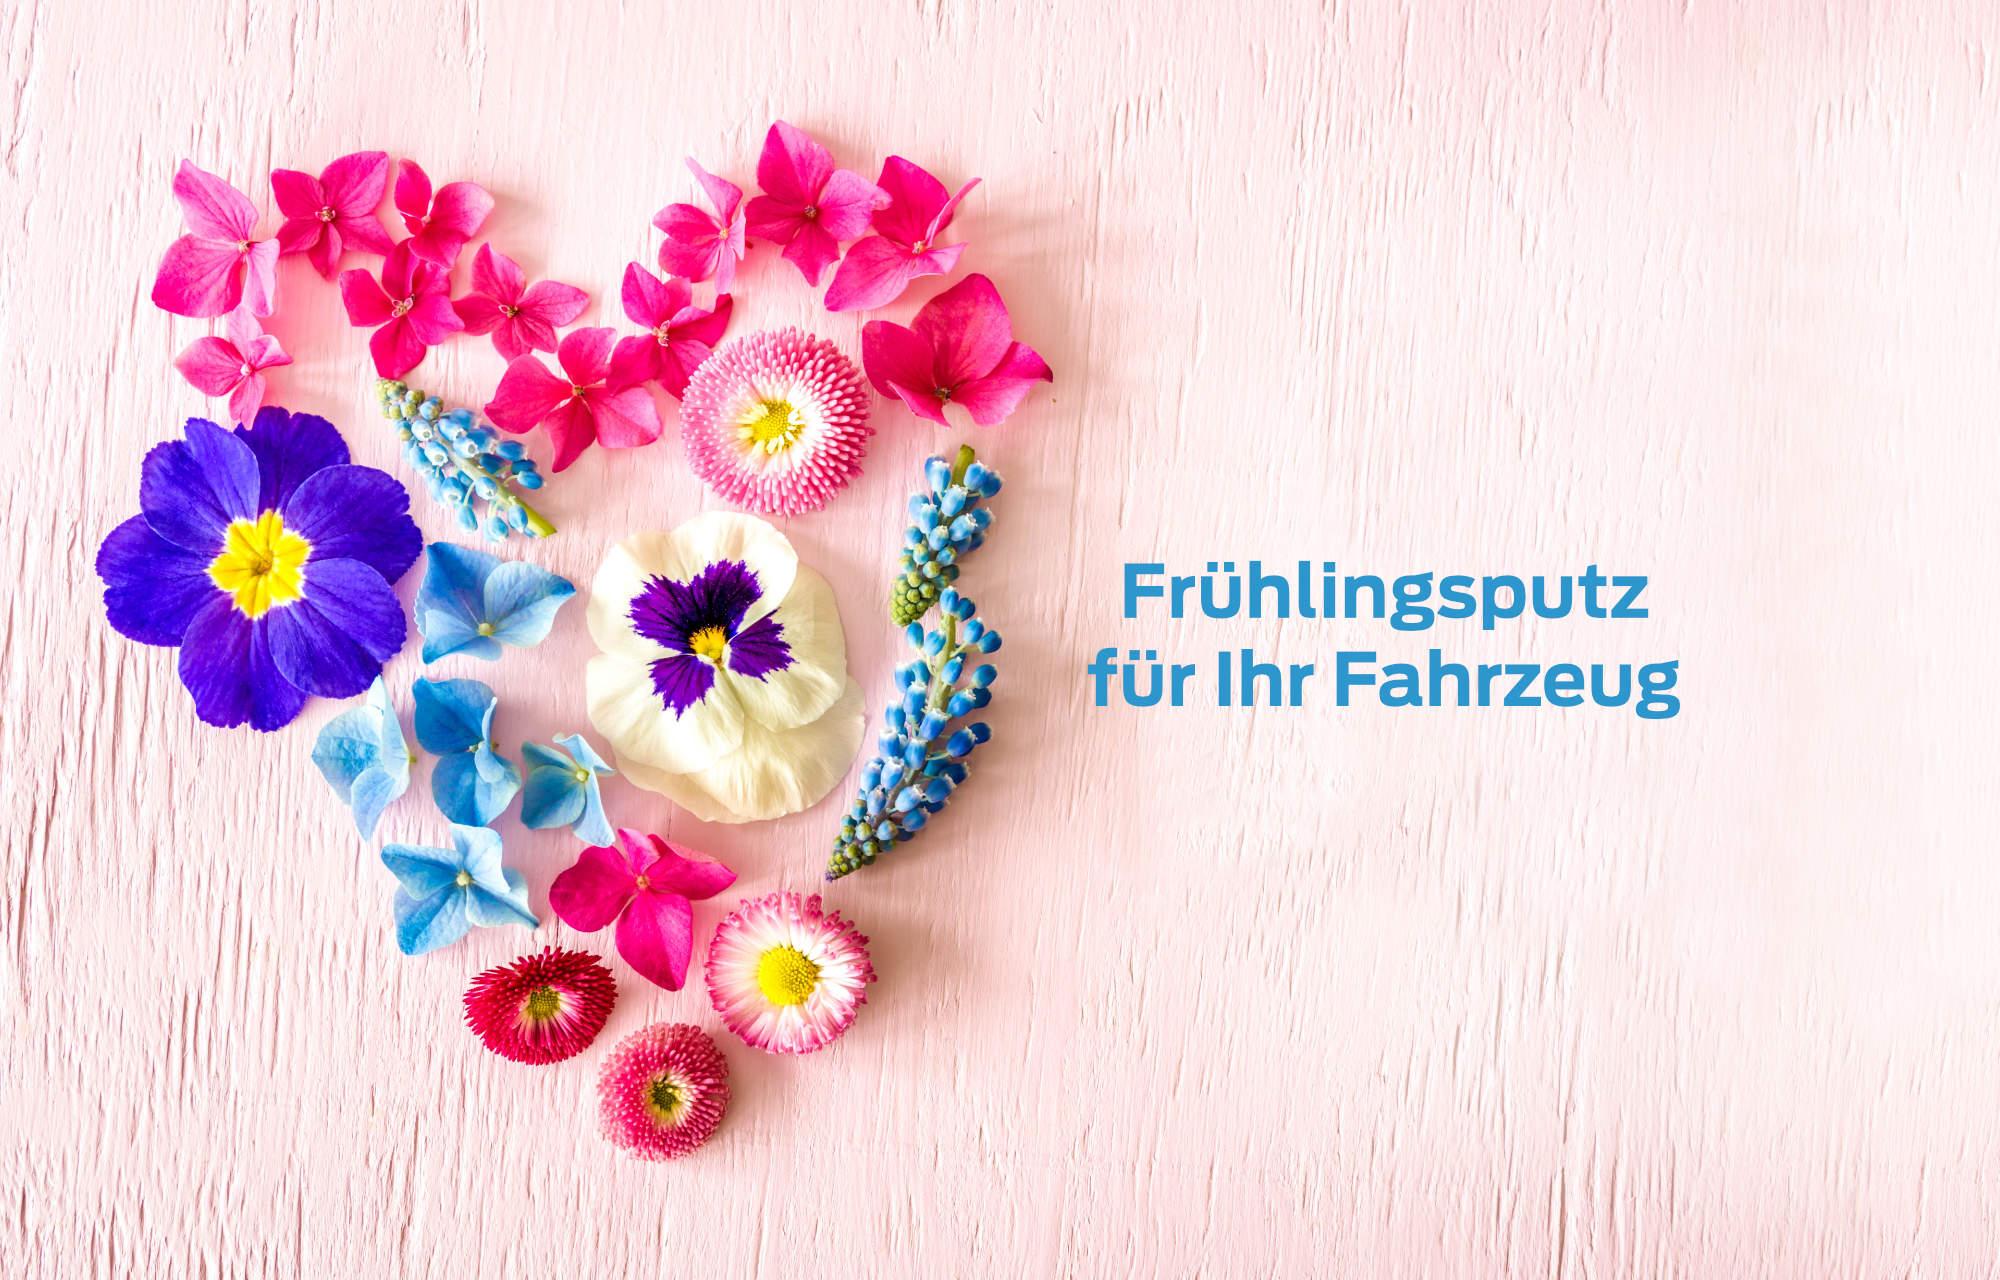 Frühlingsputz